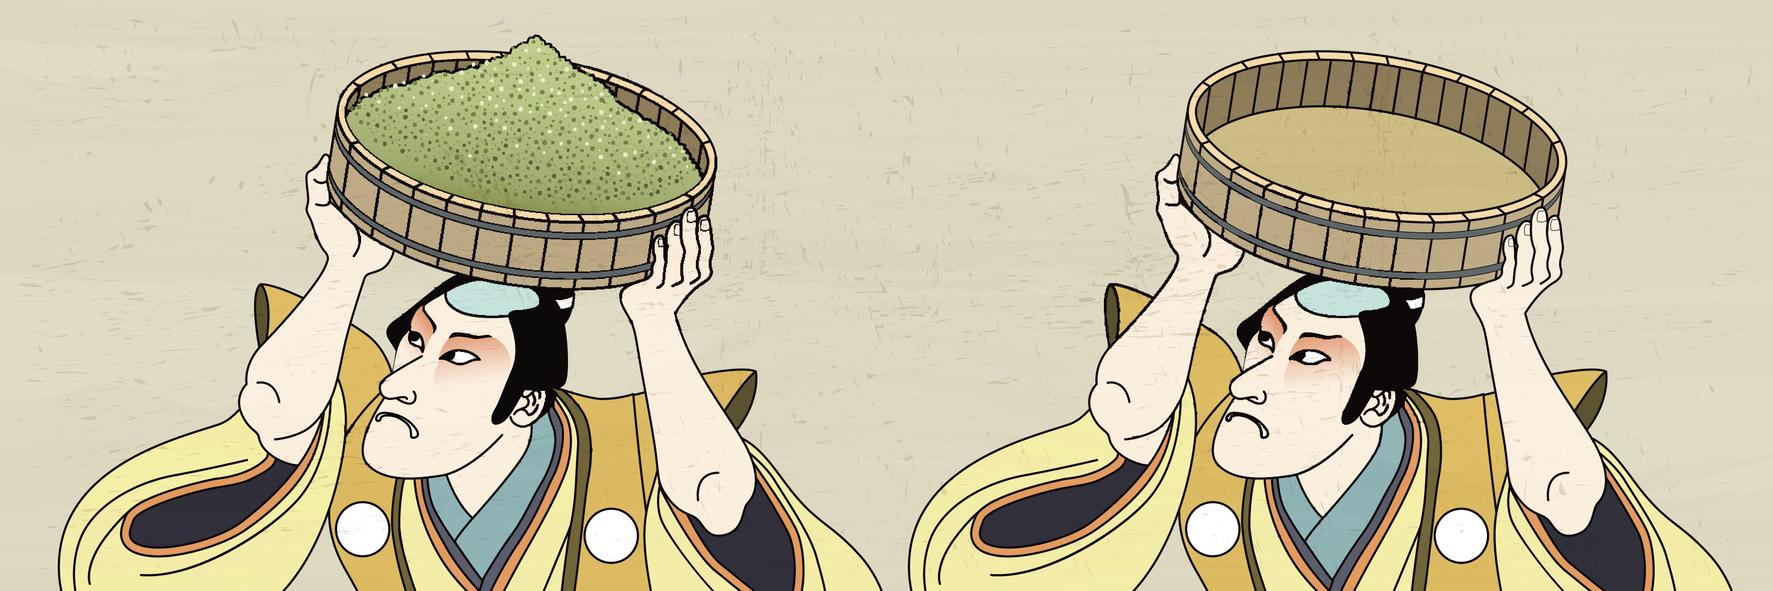 日本人は昔の江戸時代には世界で初めて大阪の堂島で米の「先物取引」を行っていたことが確認されていた。